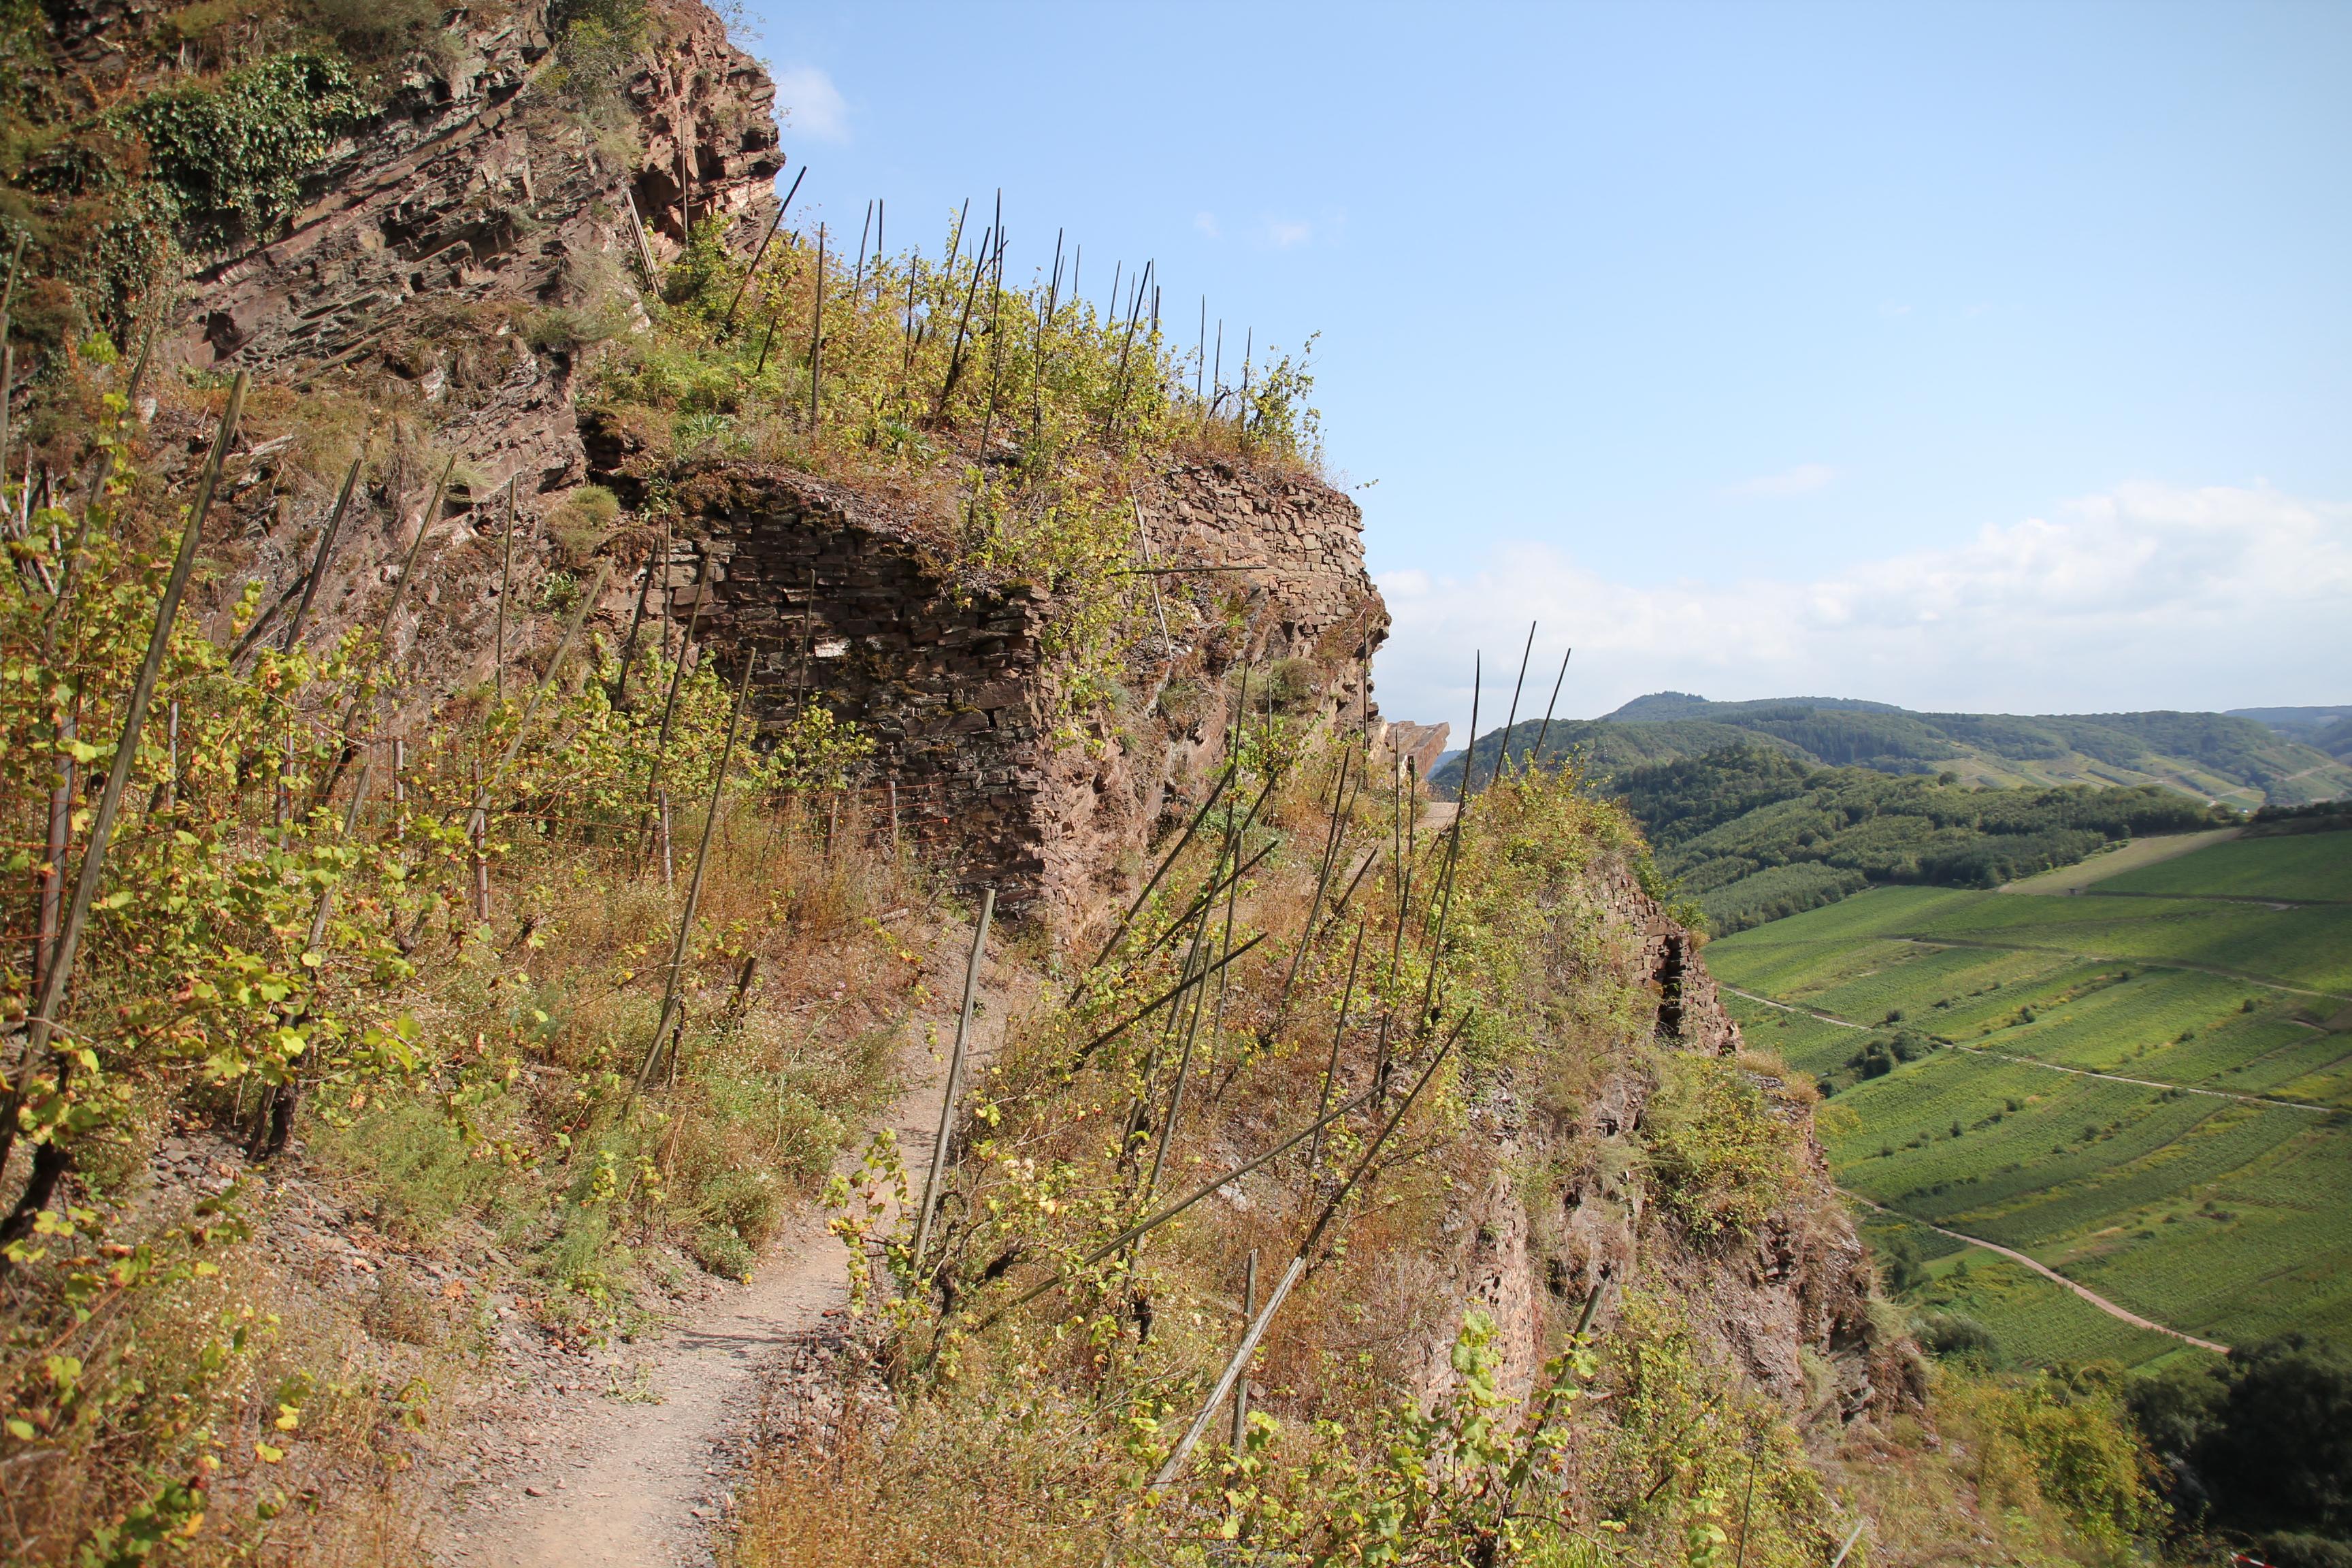 Klettersteig Calmont : Datei calmont klettersteig g u wikipedia